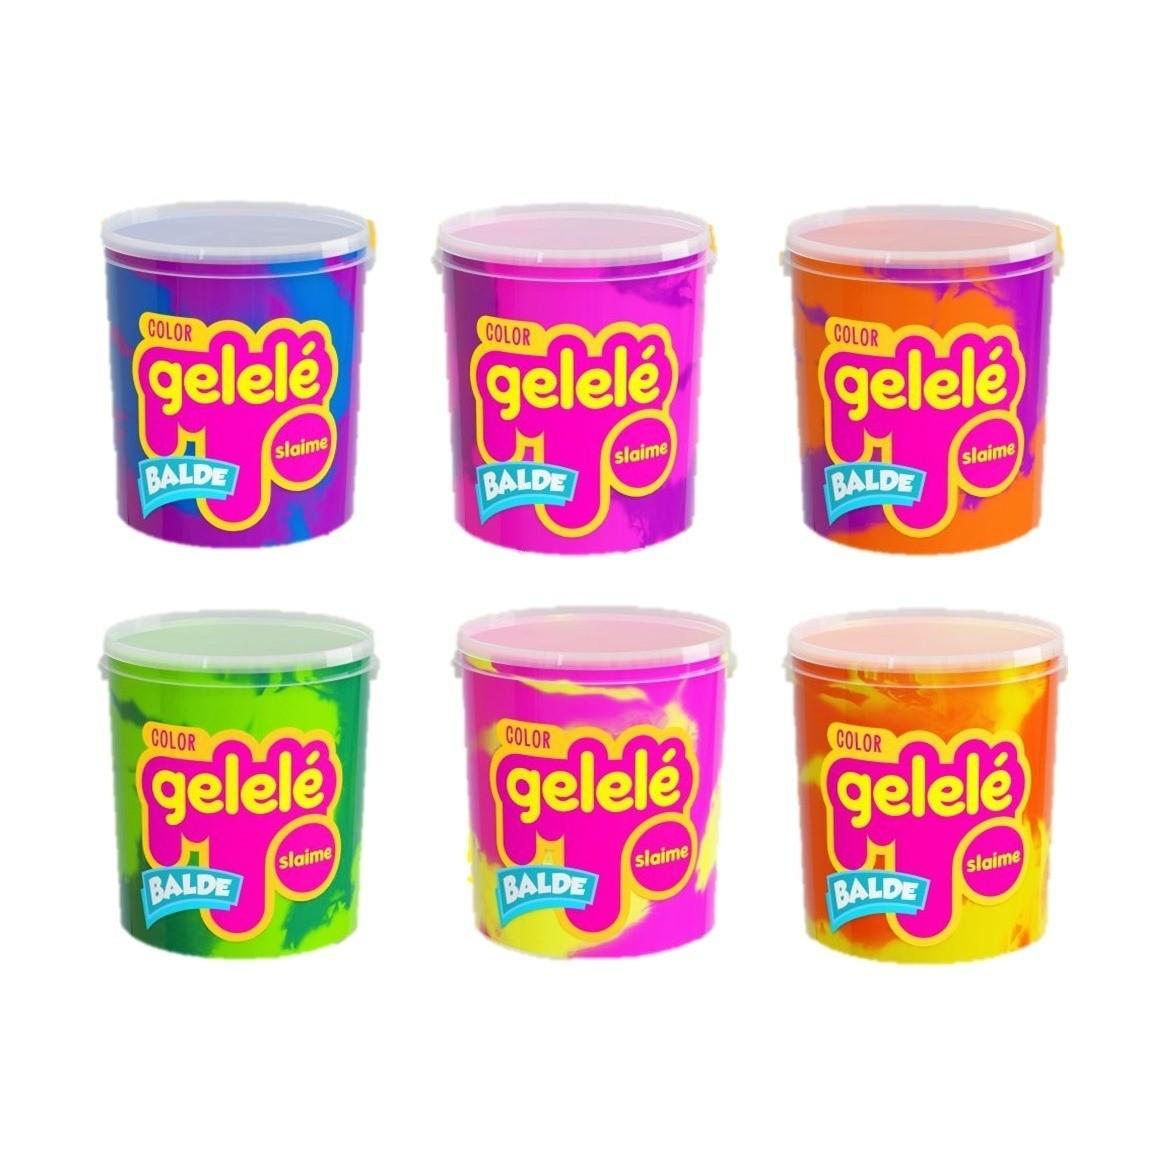 Kit Massinha Gelelé Slime c/ 12 Potes 457 g - Sortidos - Doce Brinquedos